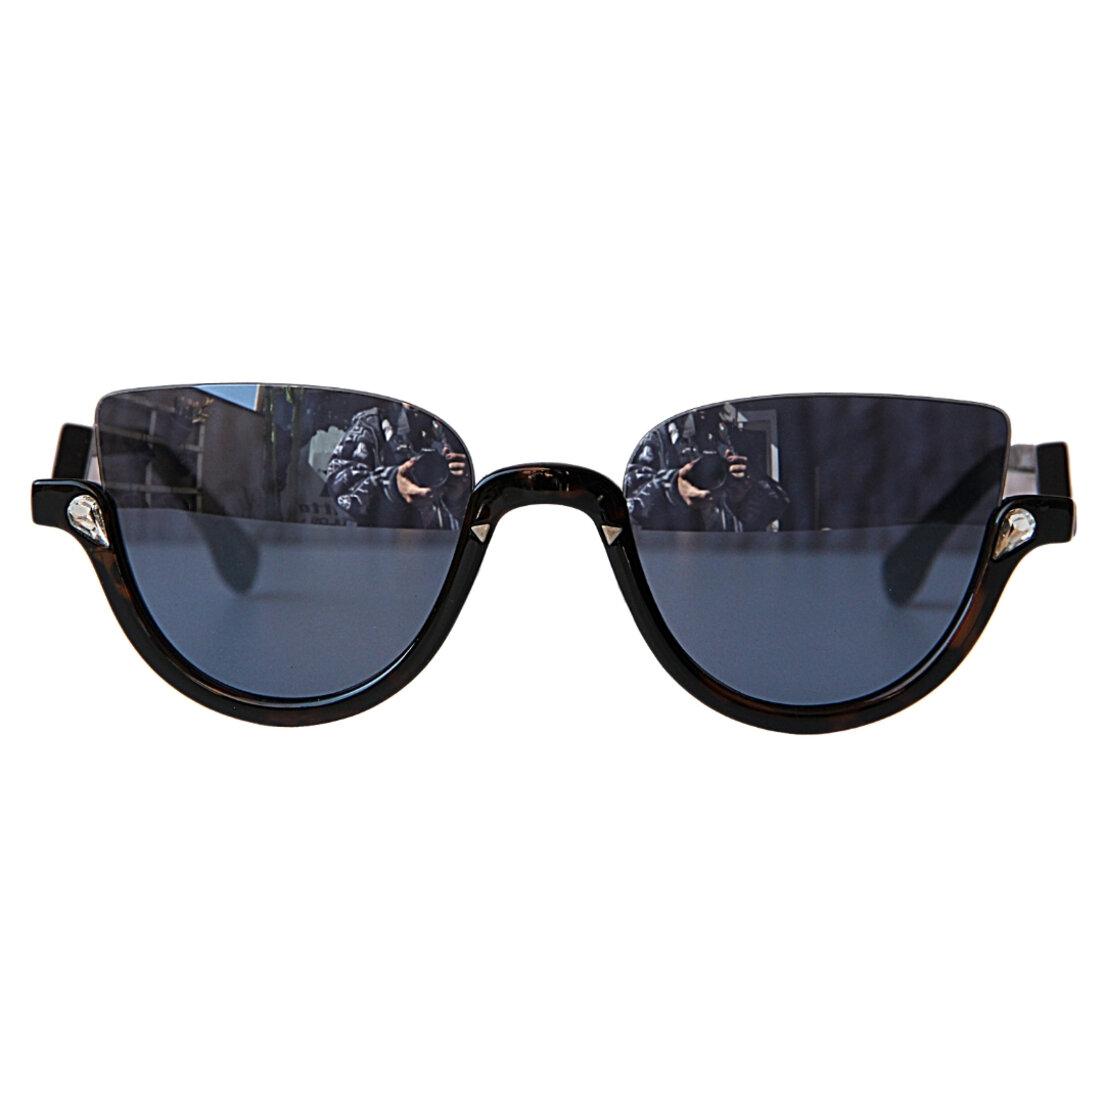 OUTLET - Óculos de Sol Khatto Retrô Cat - Preto